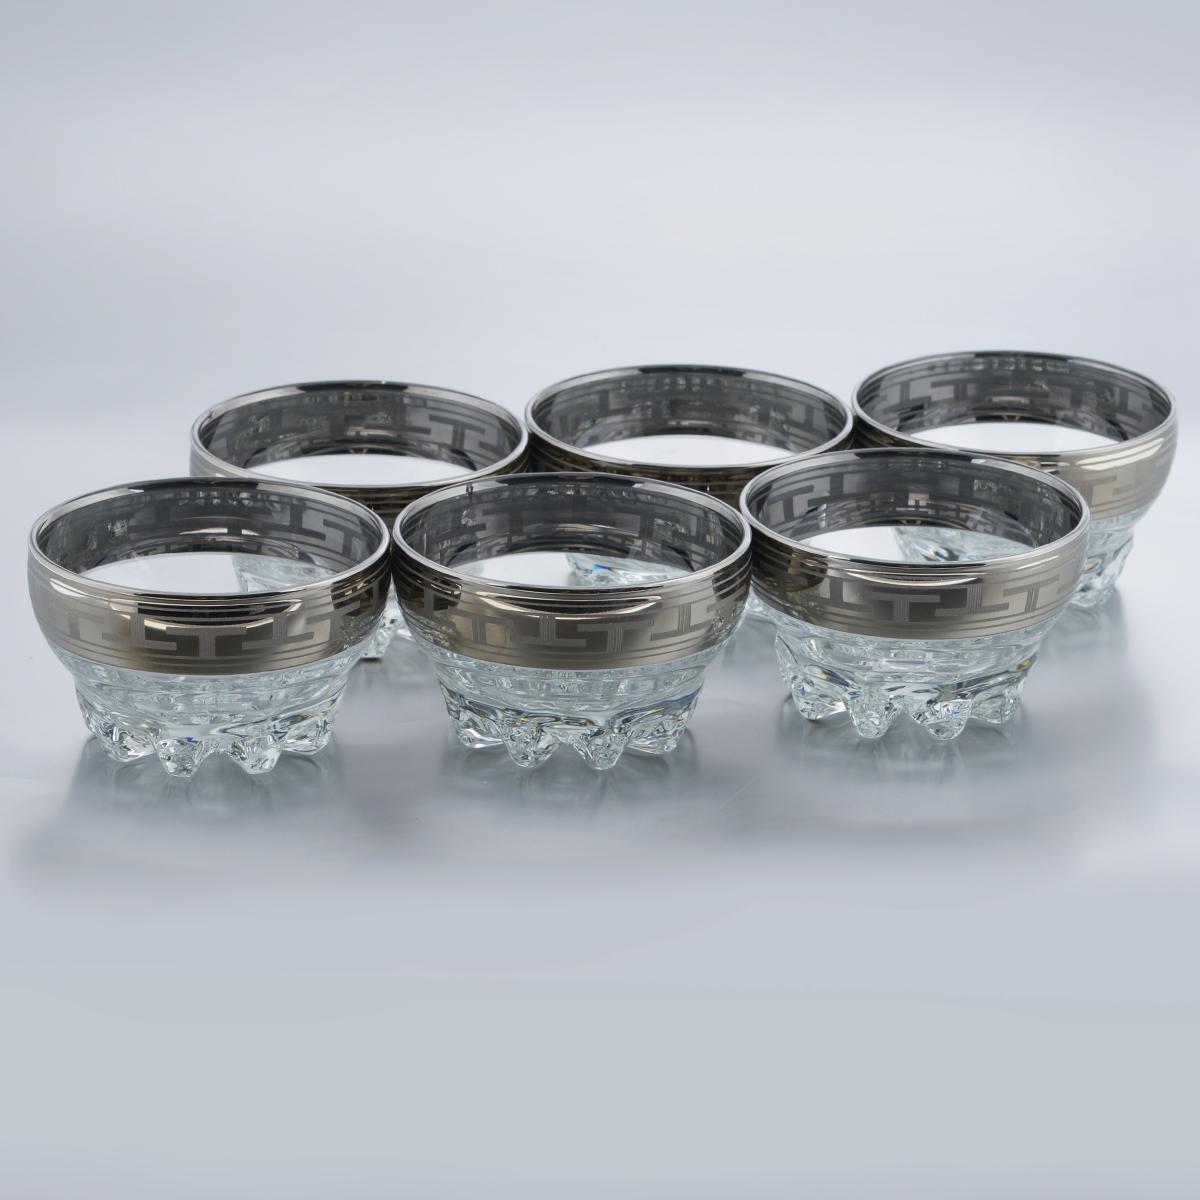 Набор креманок Гусь-Хрустальный Греческий узор, диаметр 10 см, 6 штGE01-3258Набор Гусь-Хрустальный Греческий узор состоит из 6 креманок, изготовленных из высококачественного натрий-кальций-силикатного стекла. Изделия оформлены красивым зеркальным покрытием и широкой окантовкой с оригинальным узором. Креманки прекрасно подойдут для подачи десертов и мороженого. Такой набор прекрасно дополнит праздничный стол и станет желанным подарком в любом доме. Разрешается мыть в посудомоечной машине. Диаметр креманки (по верхнему краю): 10 см. Высота креманки: 6 см.